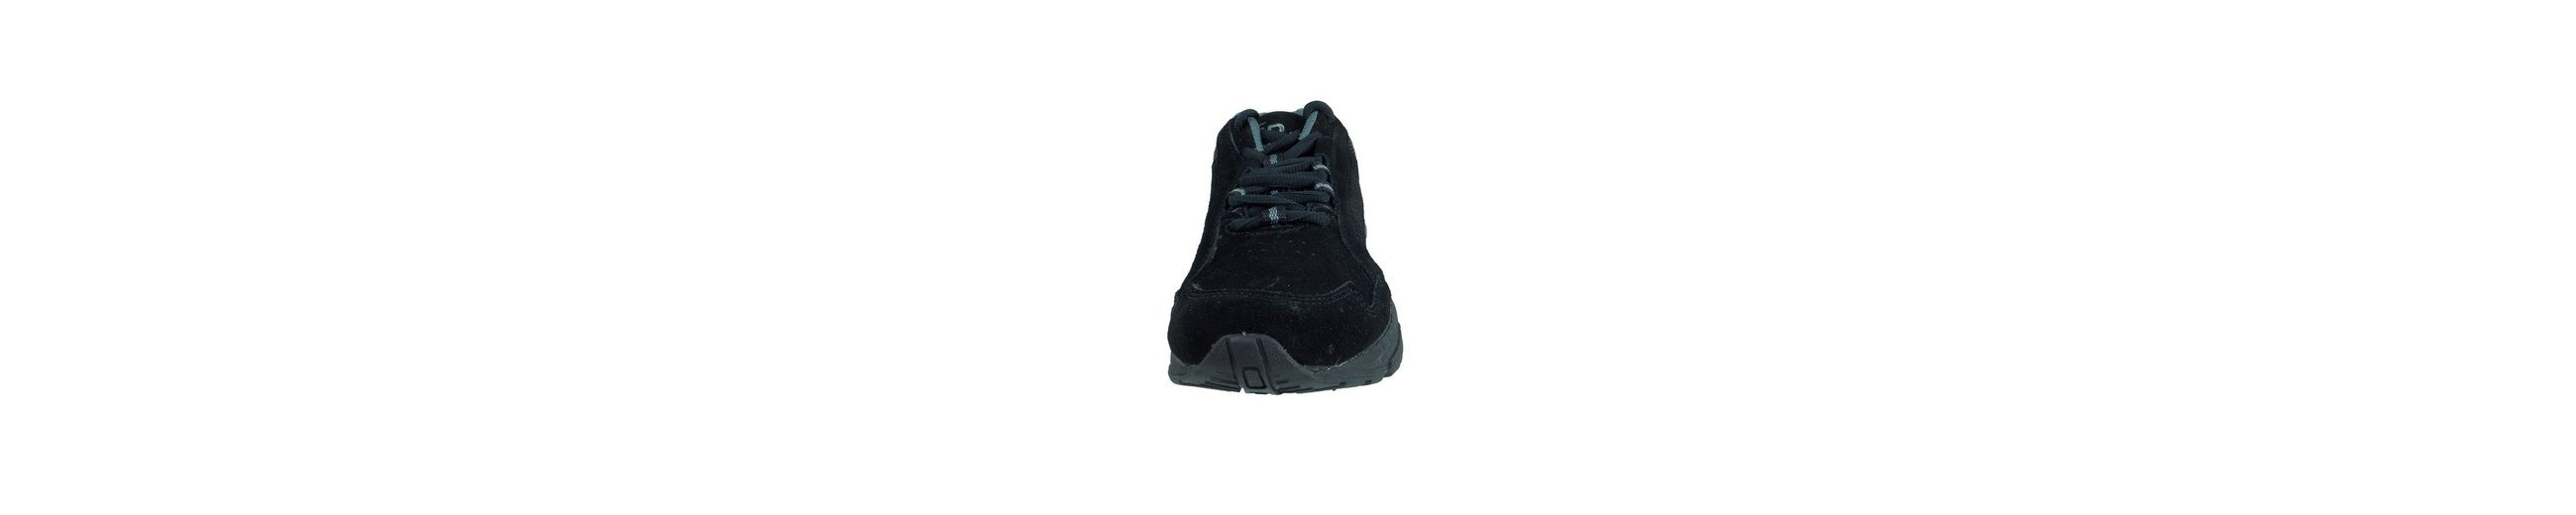 Spielraum Wiki Beste Angebote Brütting Nordic Walking Schuh mit dämpfungsaktiver Laufsohle CIRCLE Shop Günstig Online Freies Verschiffen Großhandelspreis FsR7W6u6B